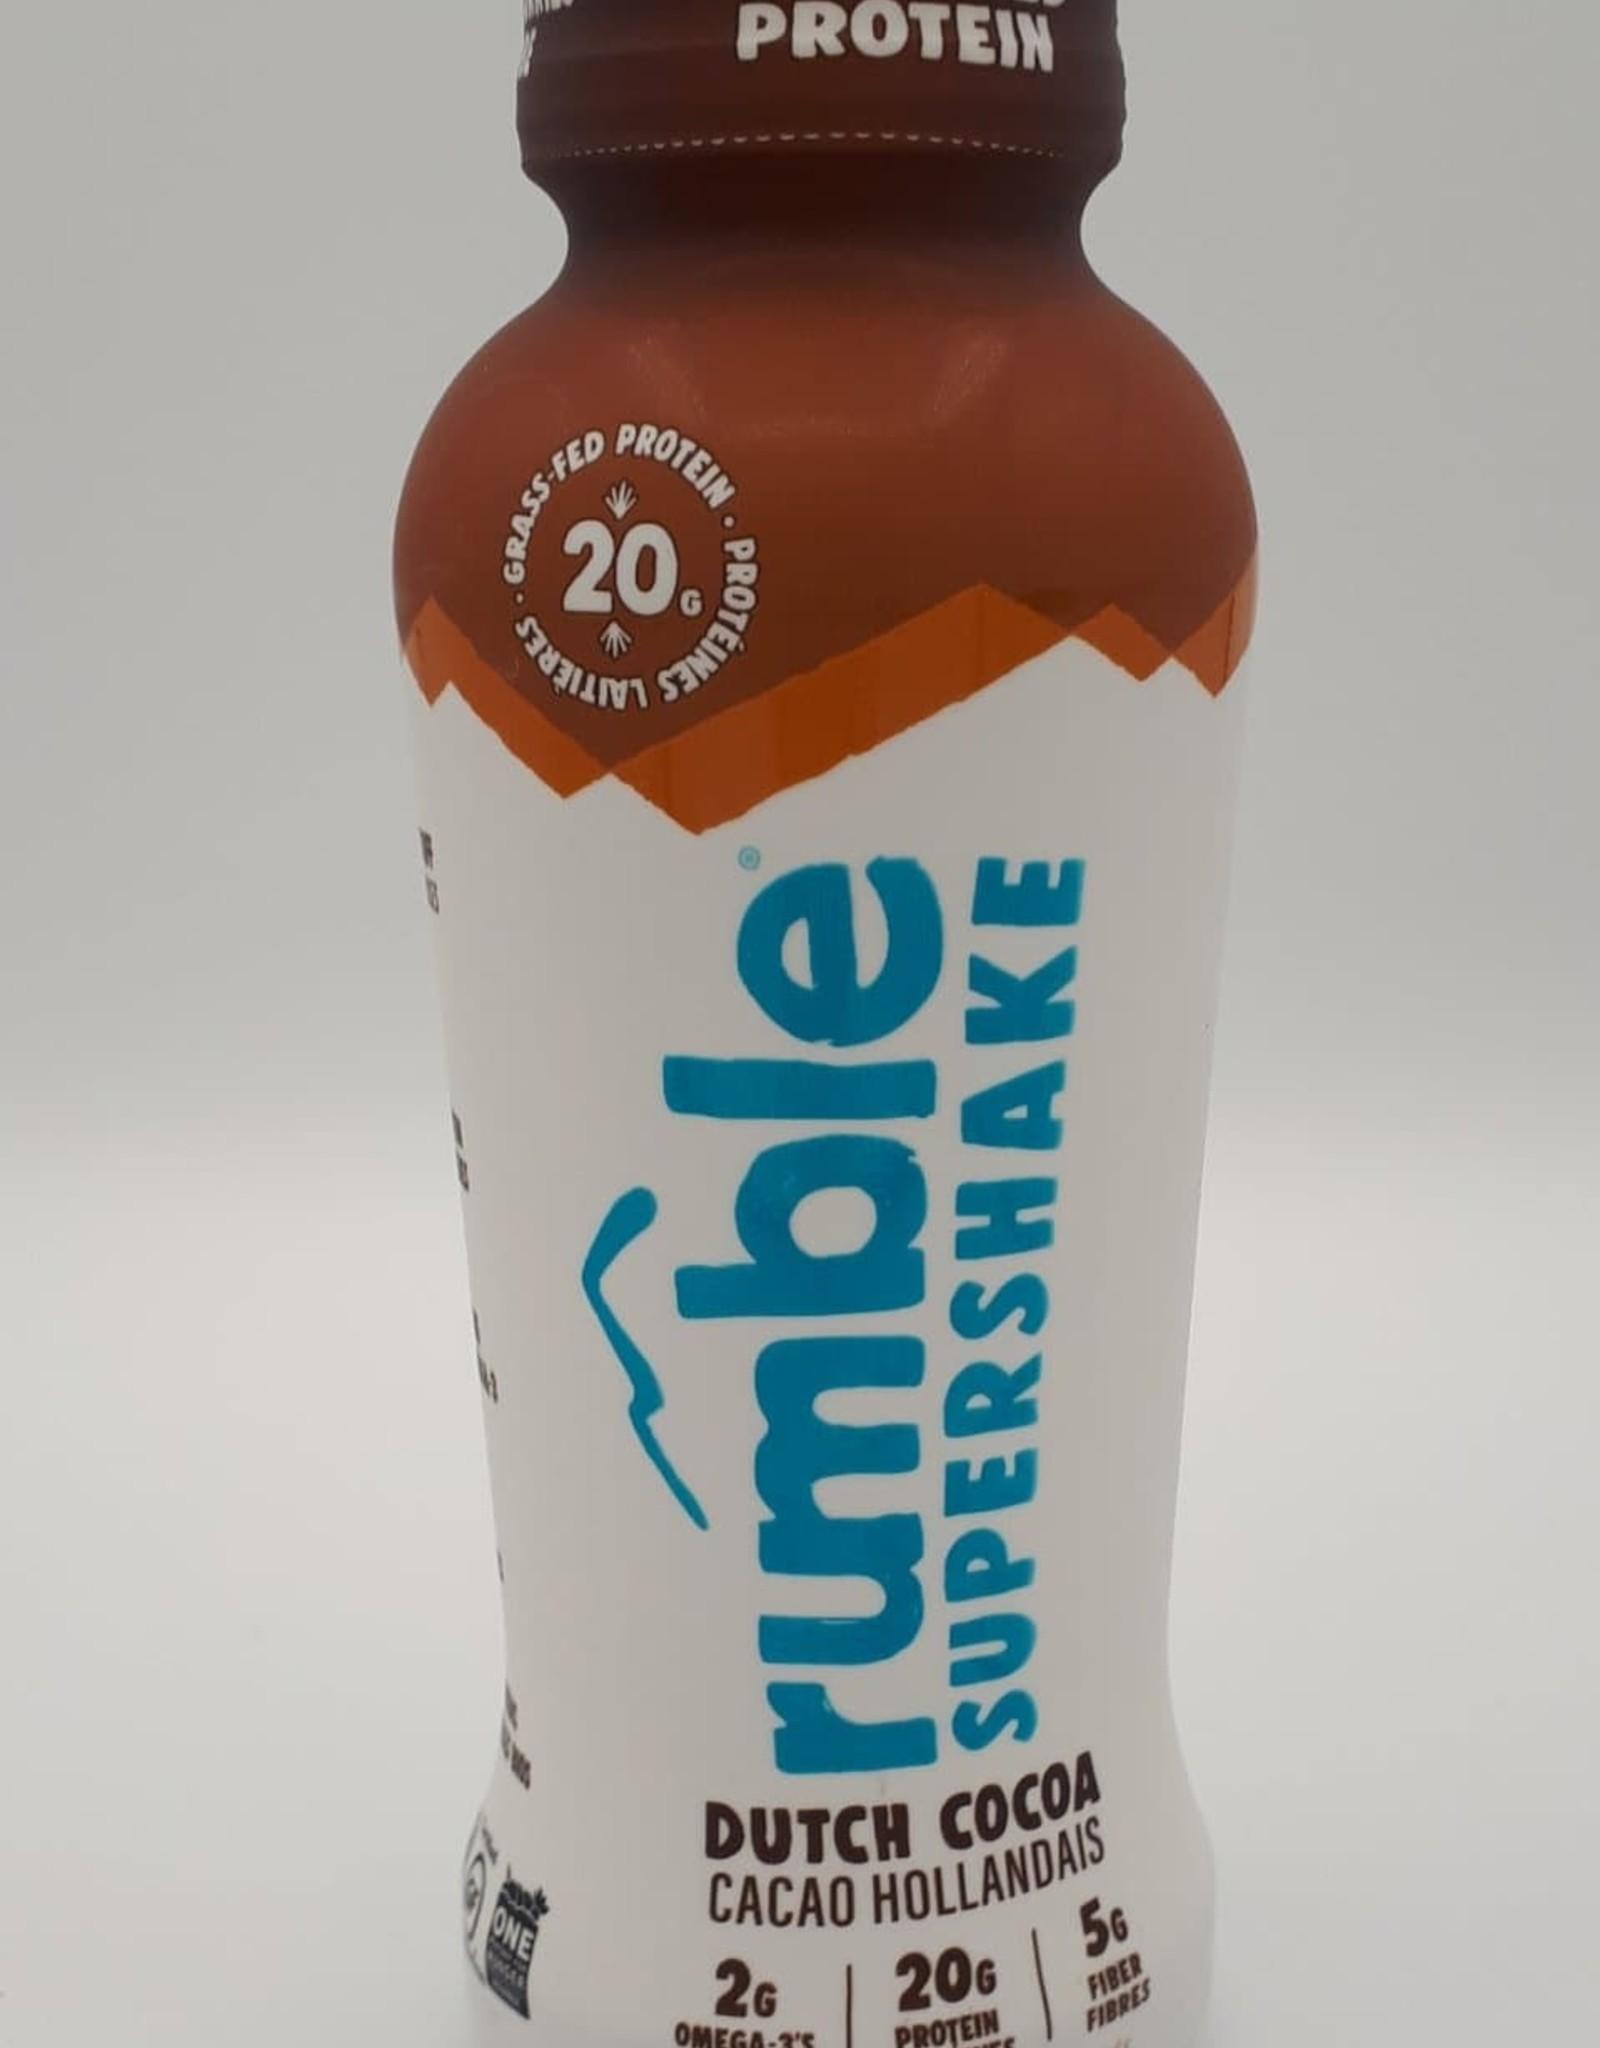 Rumble Rumble - Boisson Protéinée, Cacao Hollandais (355ml)